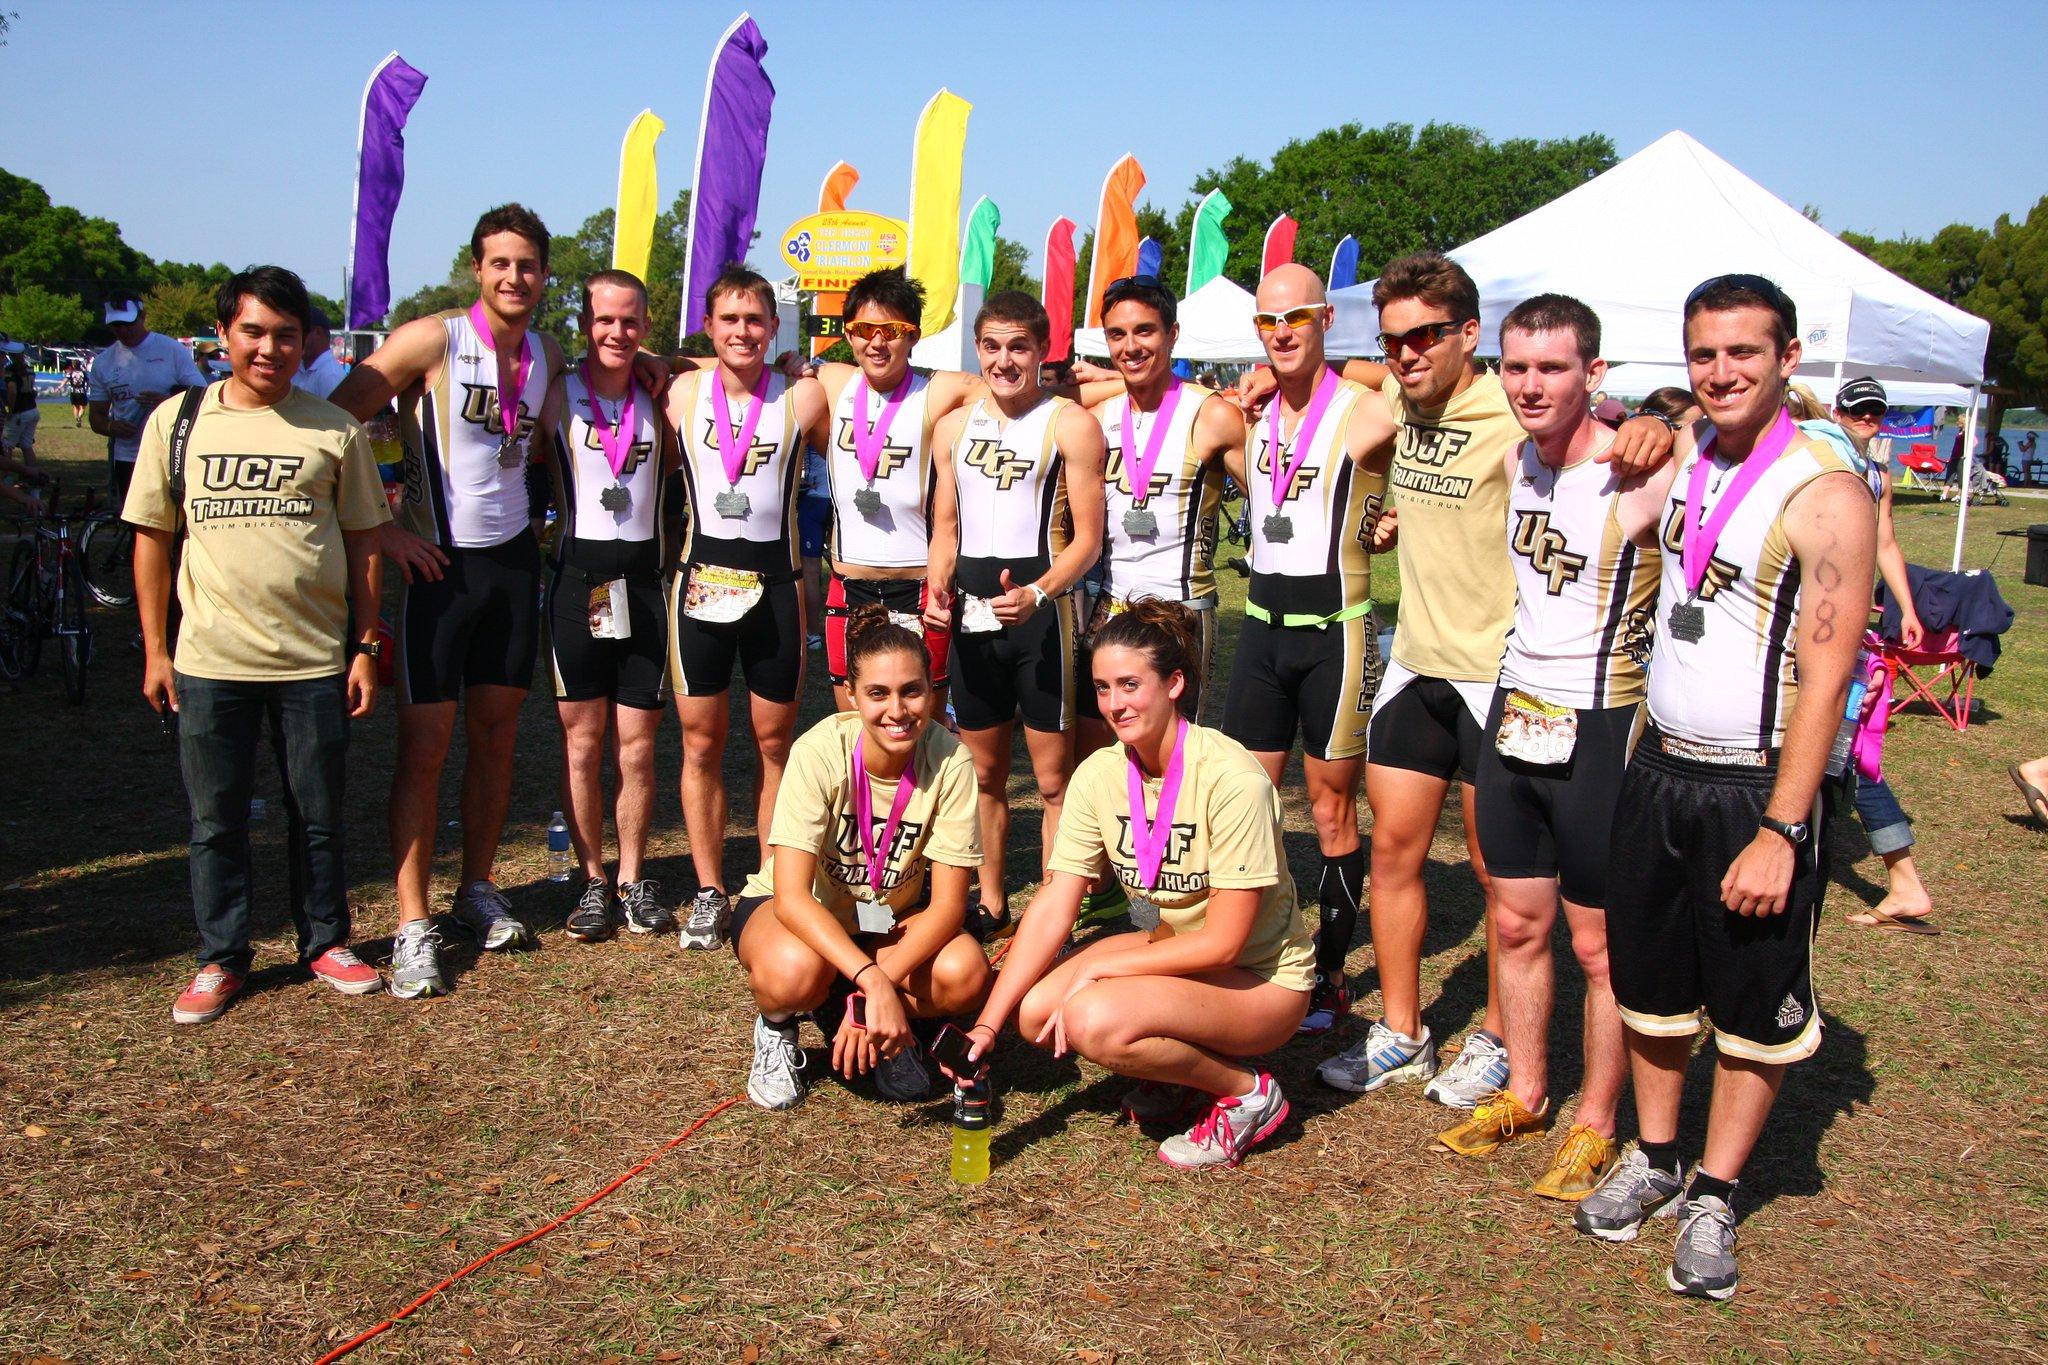 Gallery « Tri-Knights: UCF Triathlon